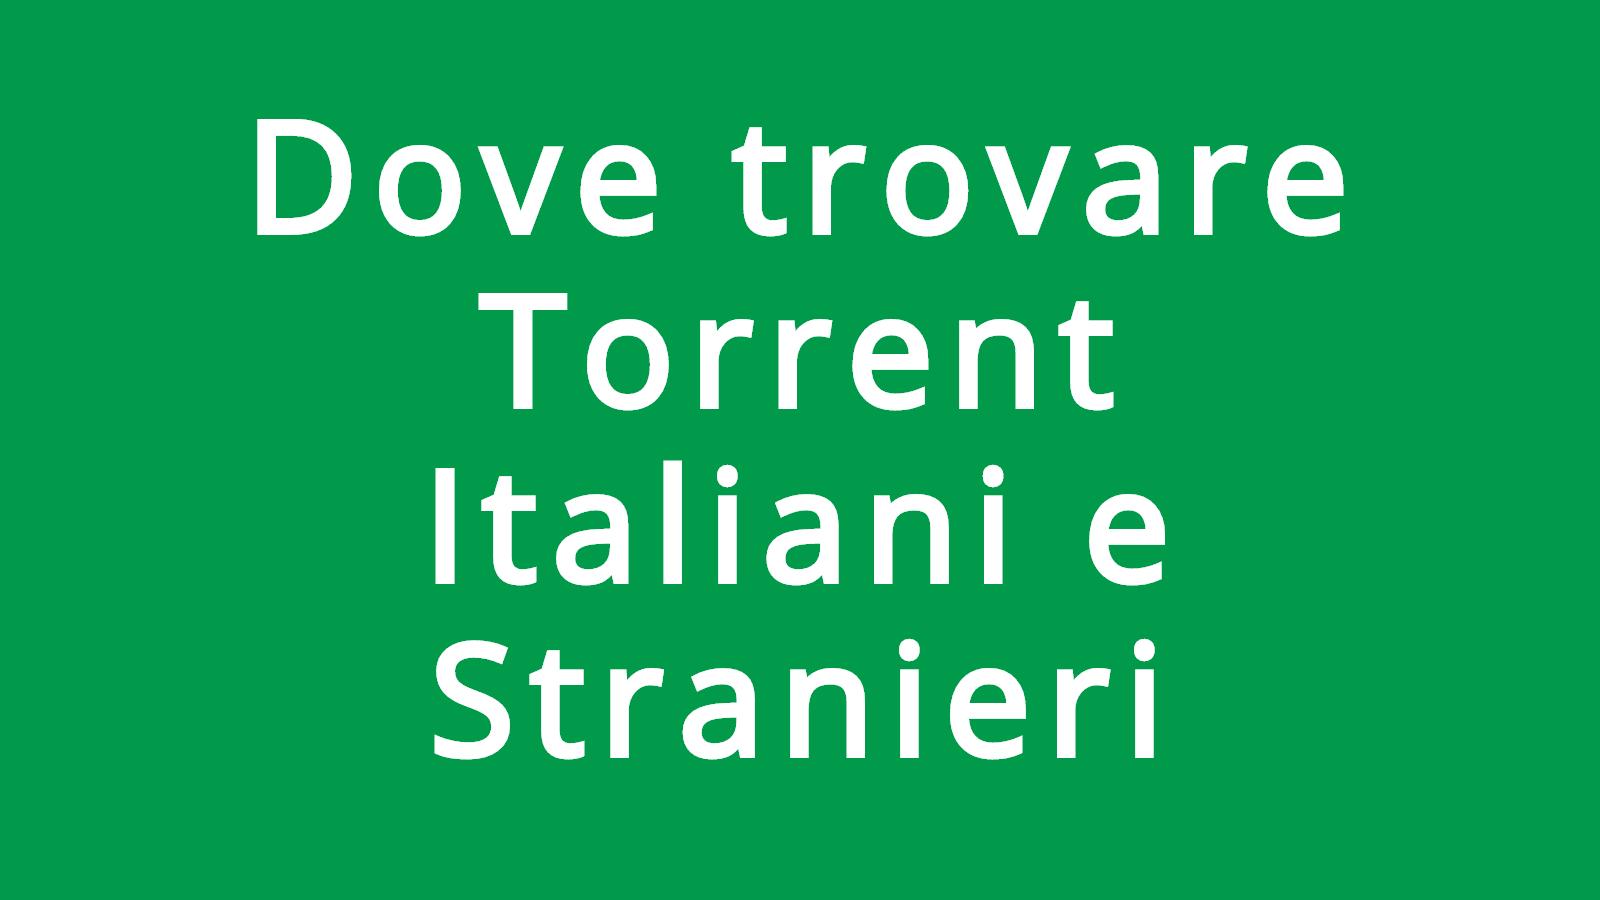 migliori siti torrent italiani e stranieri